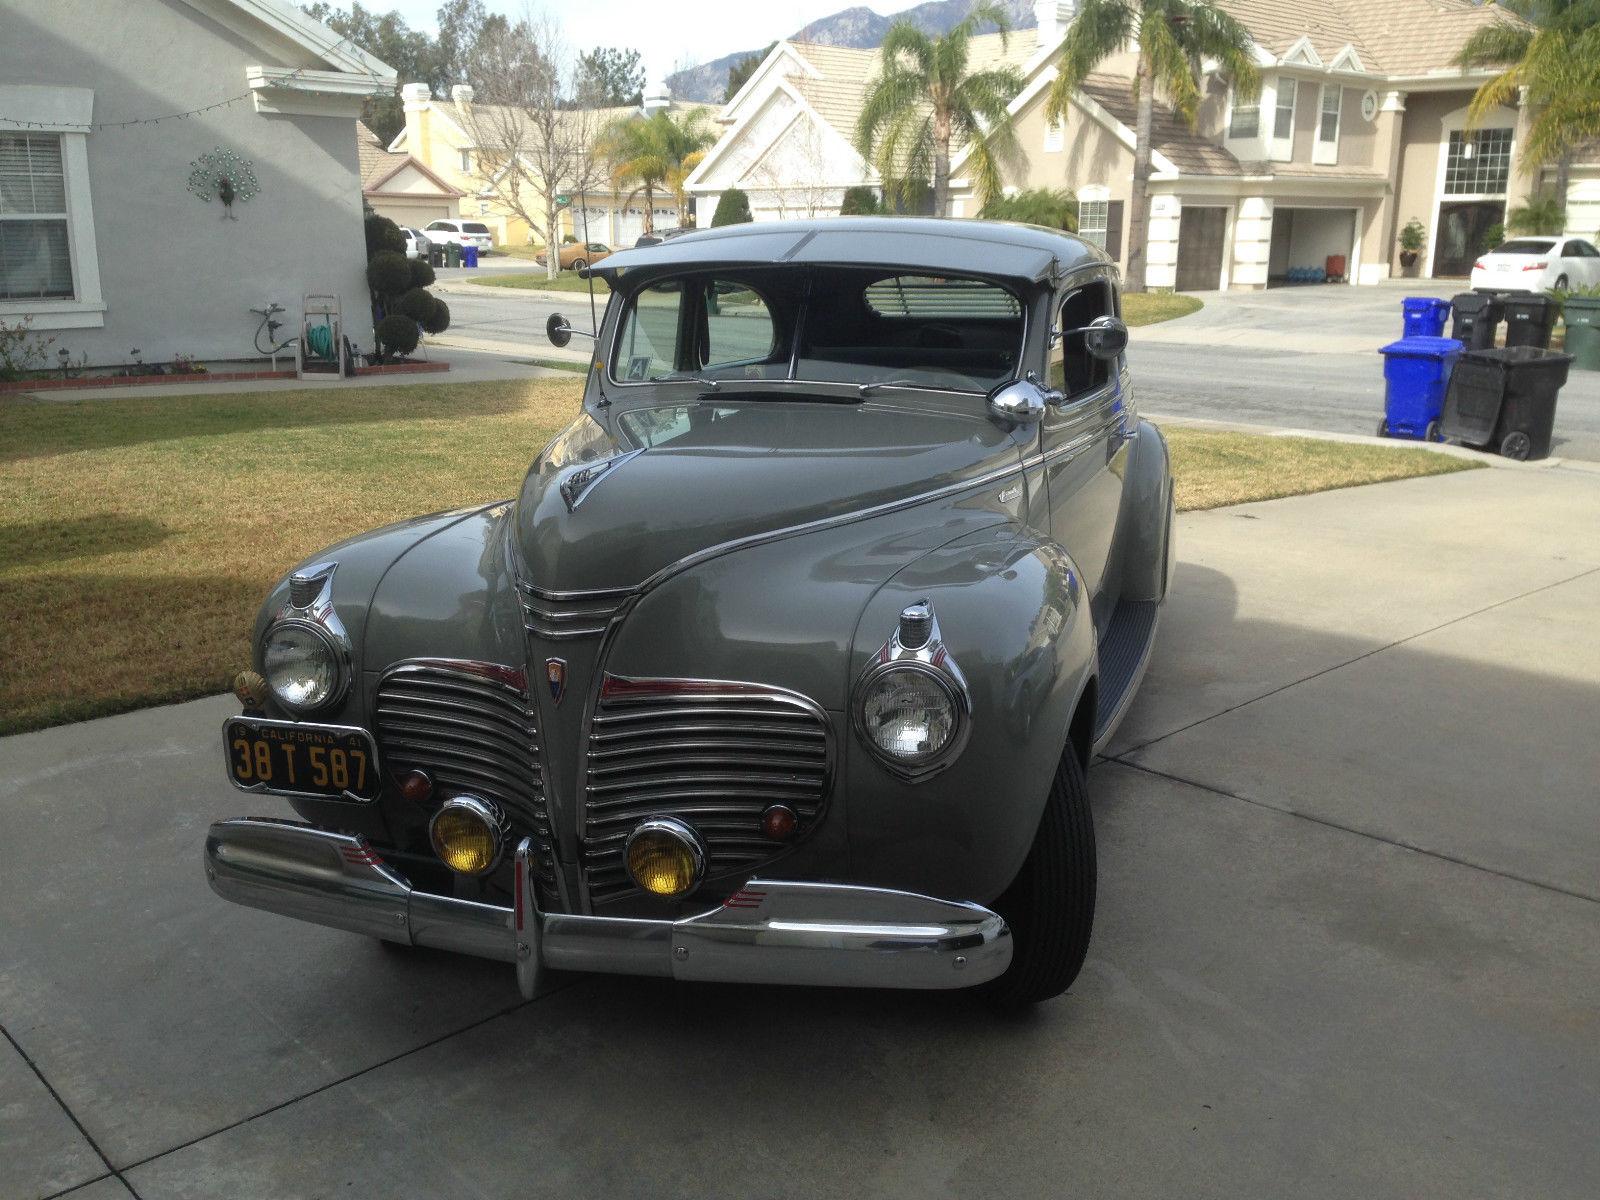 1941 Plymouth Special Delux Sedan Vintage Original Survivor 1946 Cars For Sale 1947 1948 1949